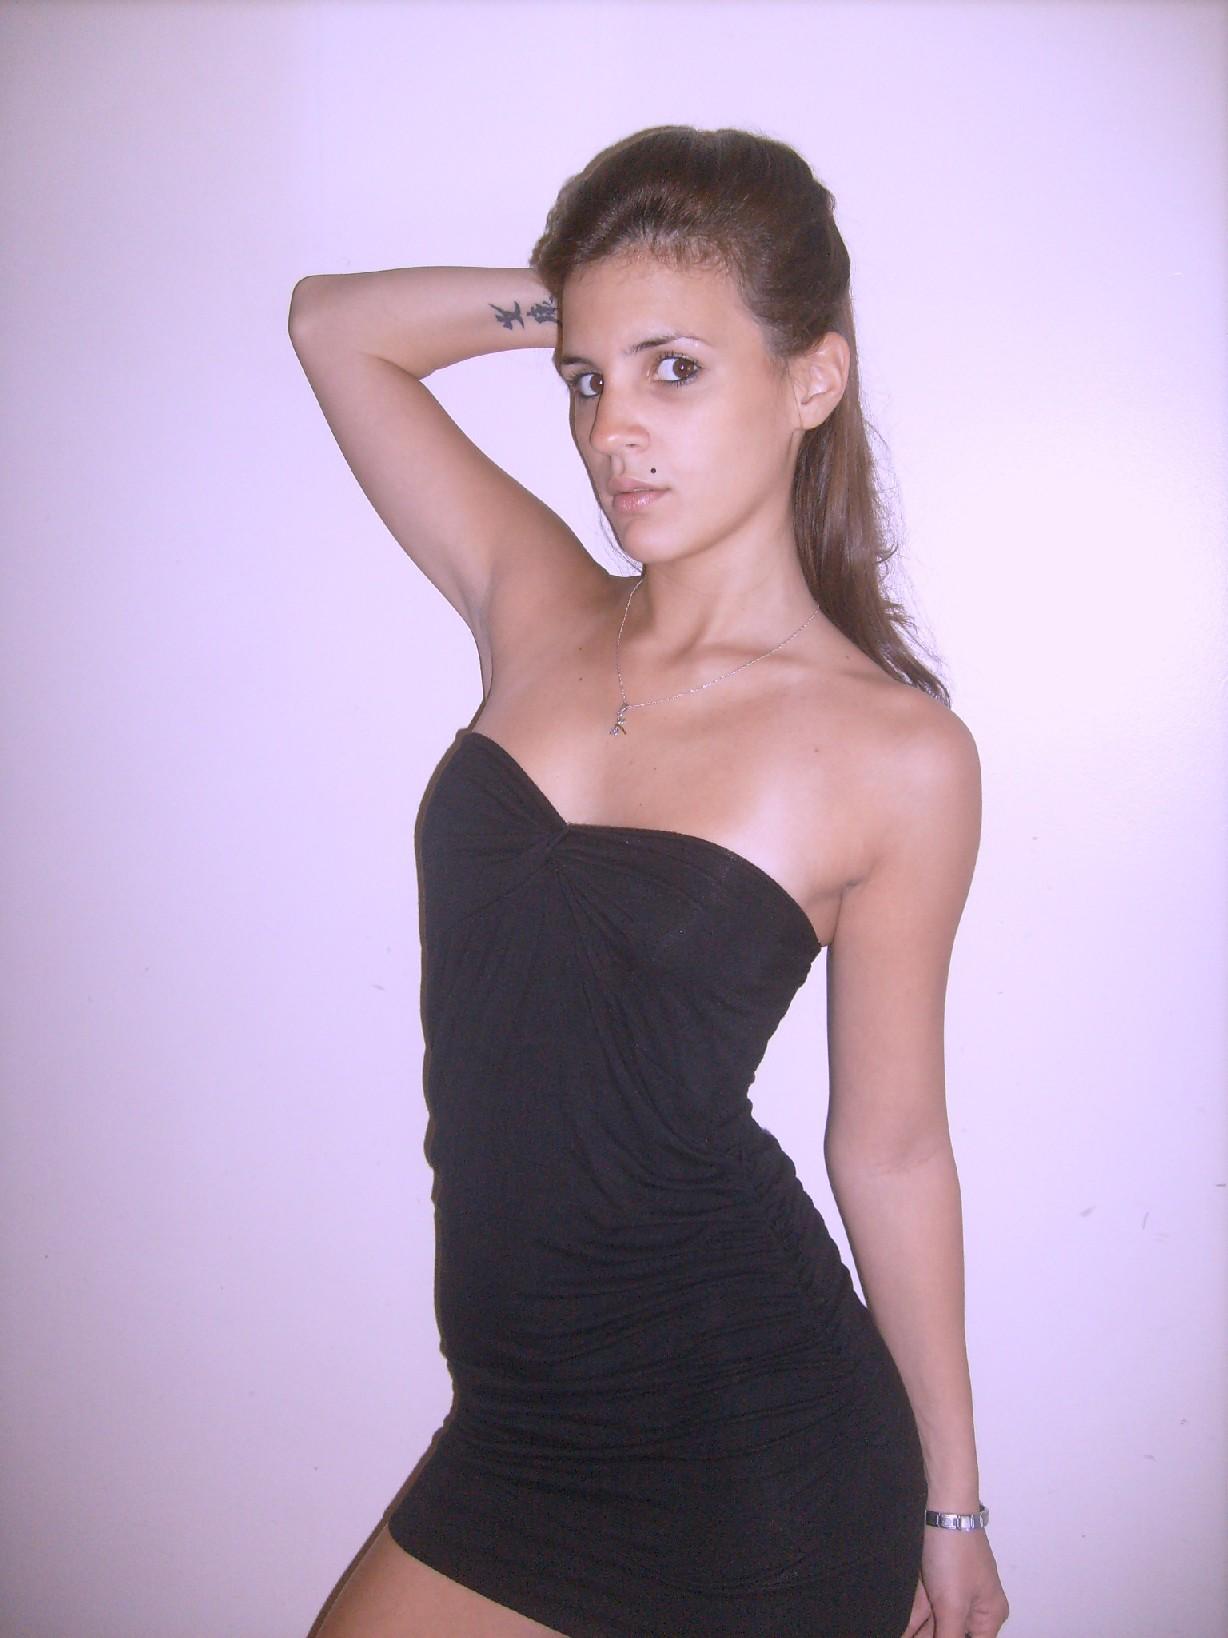 Брюнеточка позирует в соблазнительном платье и красивом нижнем белье – она весьма привлекательна